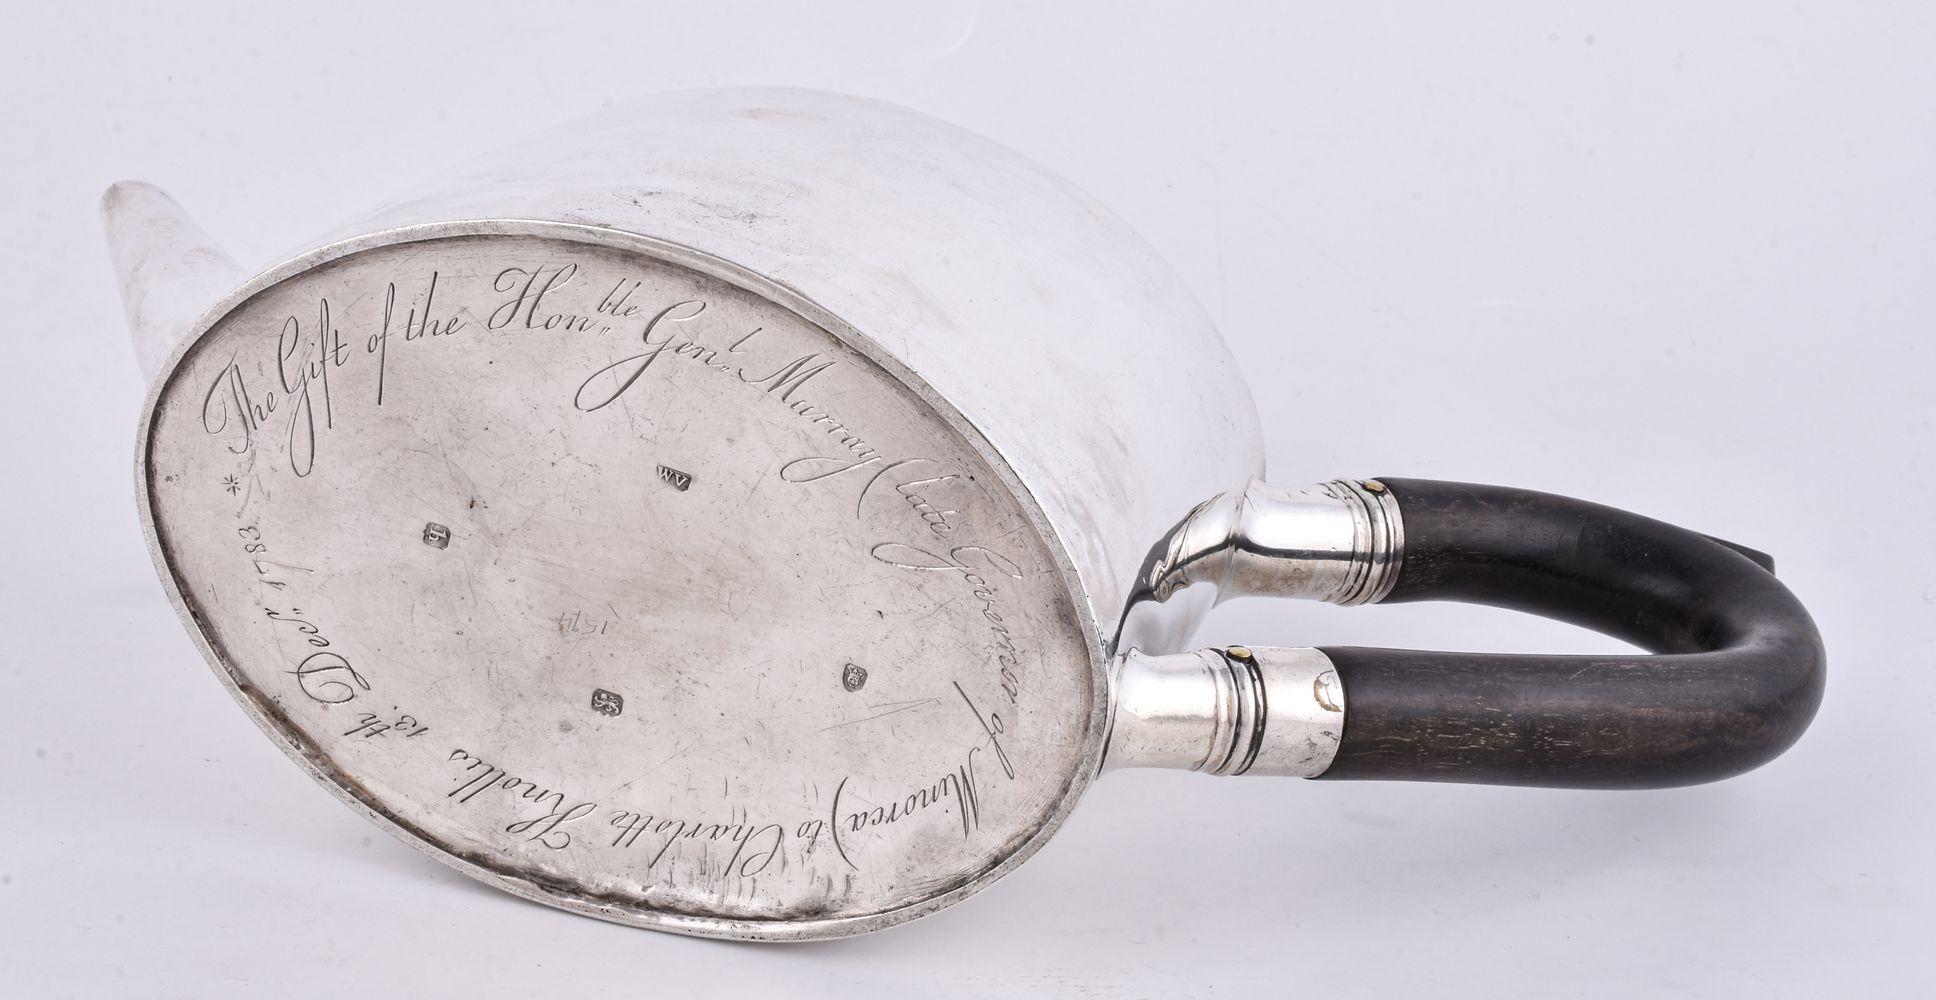 ϒ [Military interest] A George III silver straight-sided oval tea pot by William Vincent - Image 2 of 2